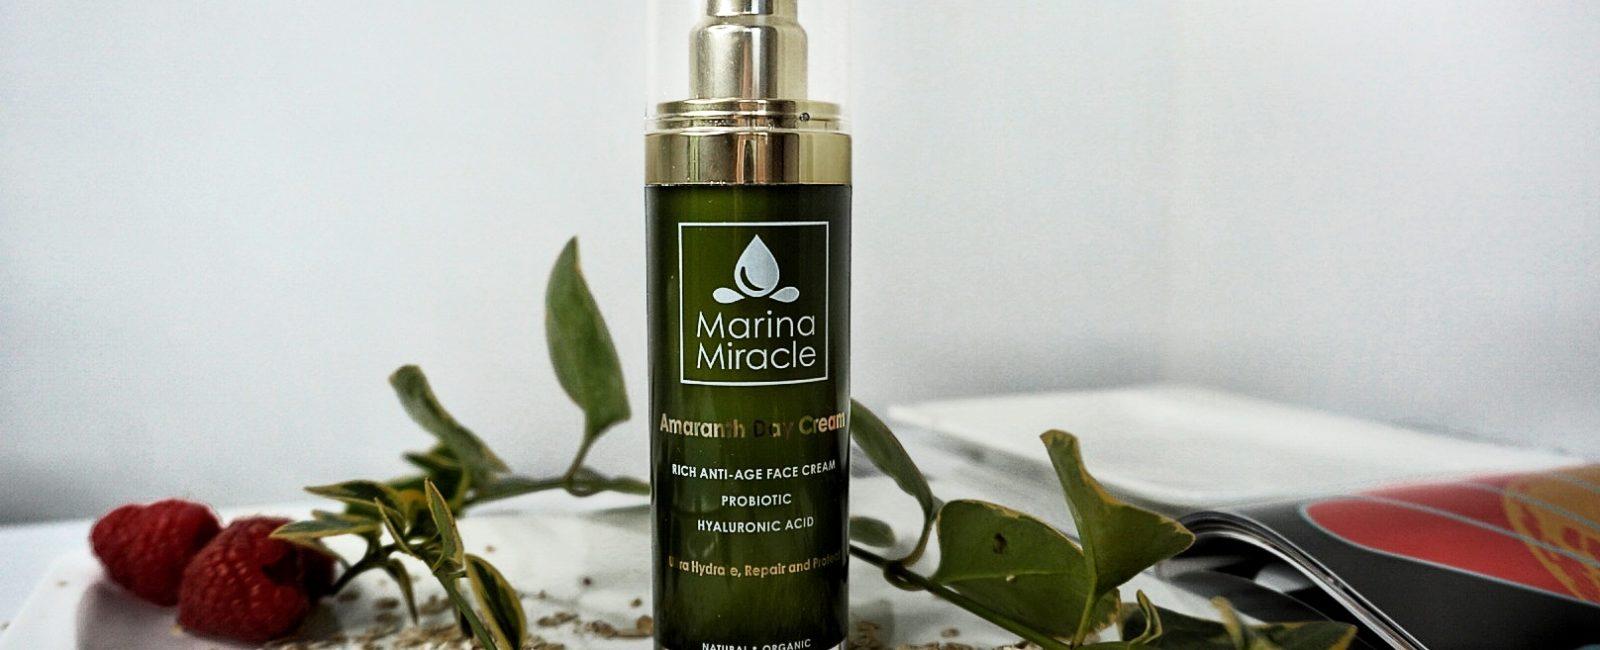 Marina Miracle, nórsky zázrak a môj prvý krém s amarantom